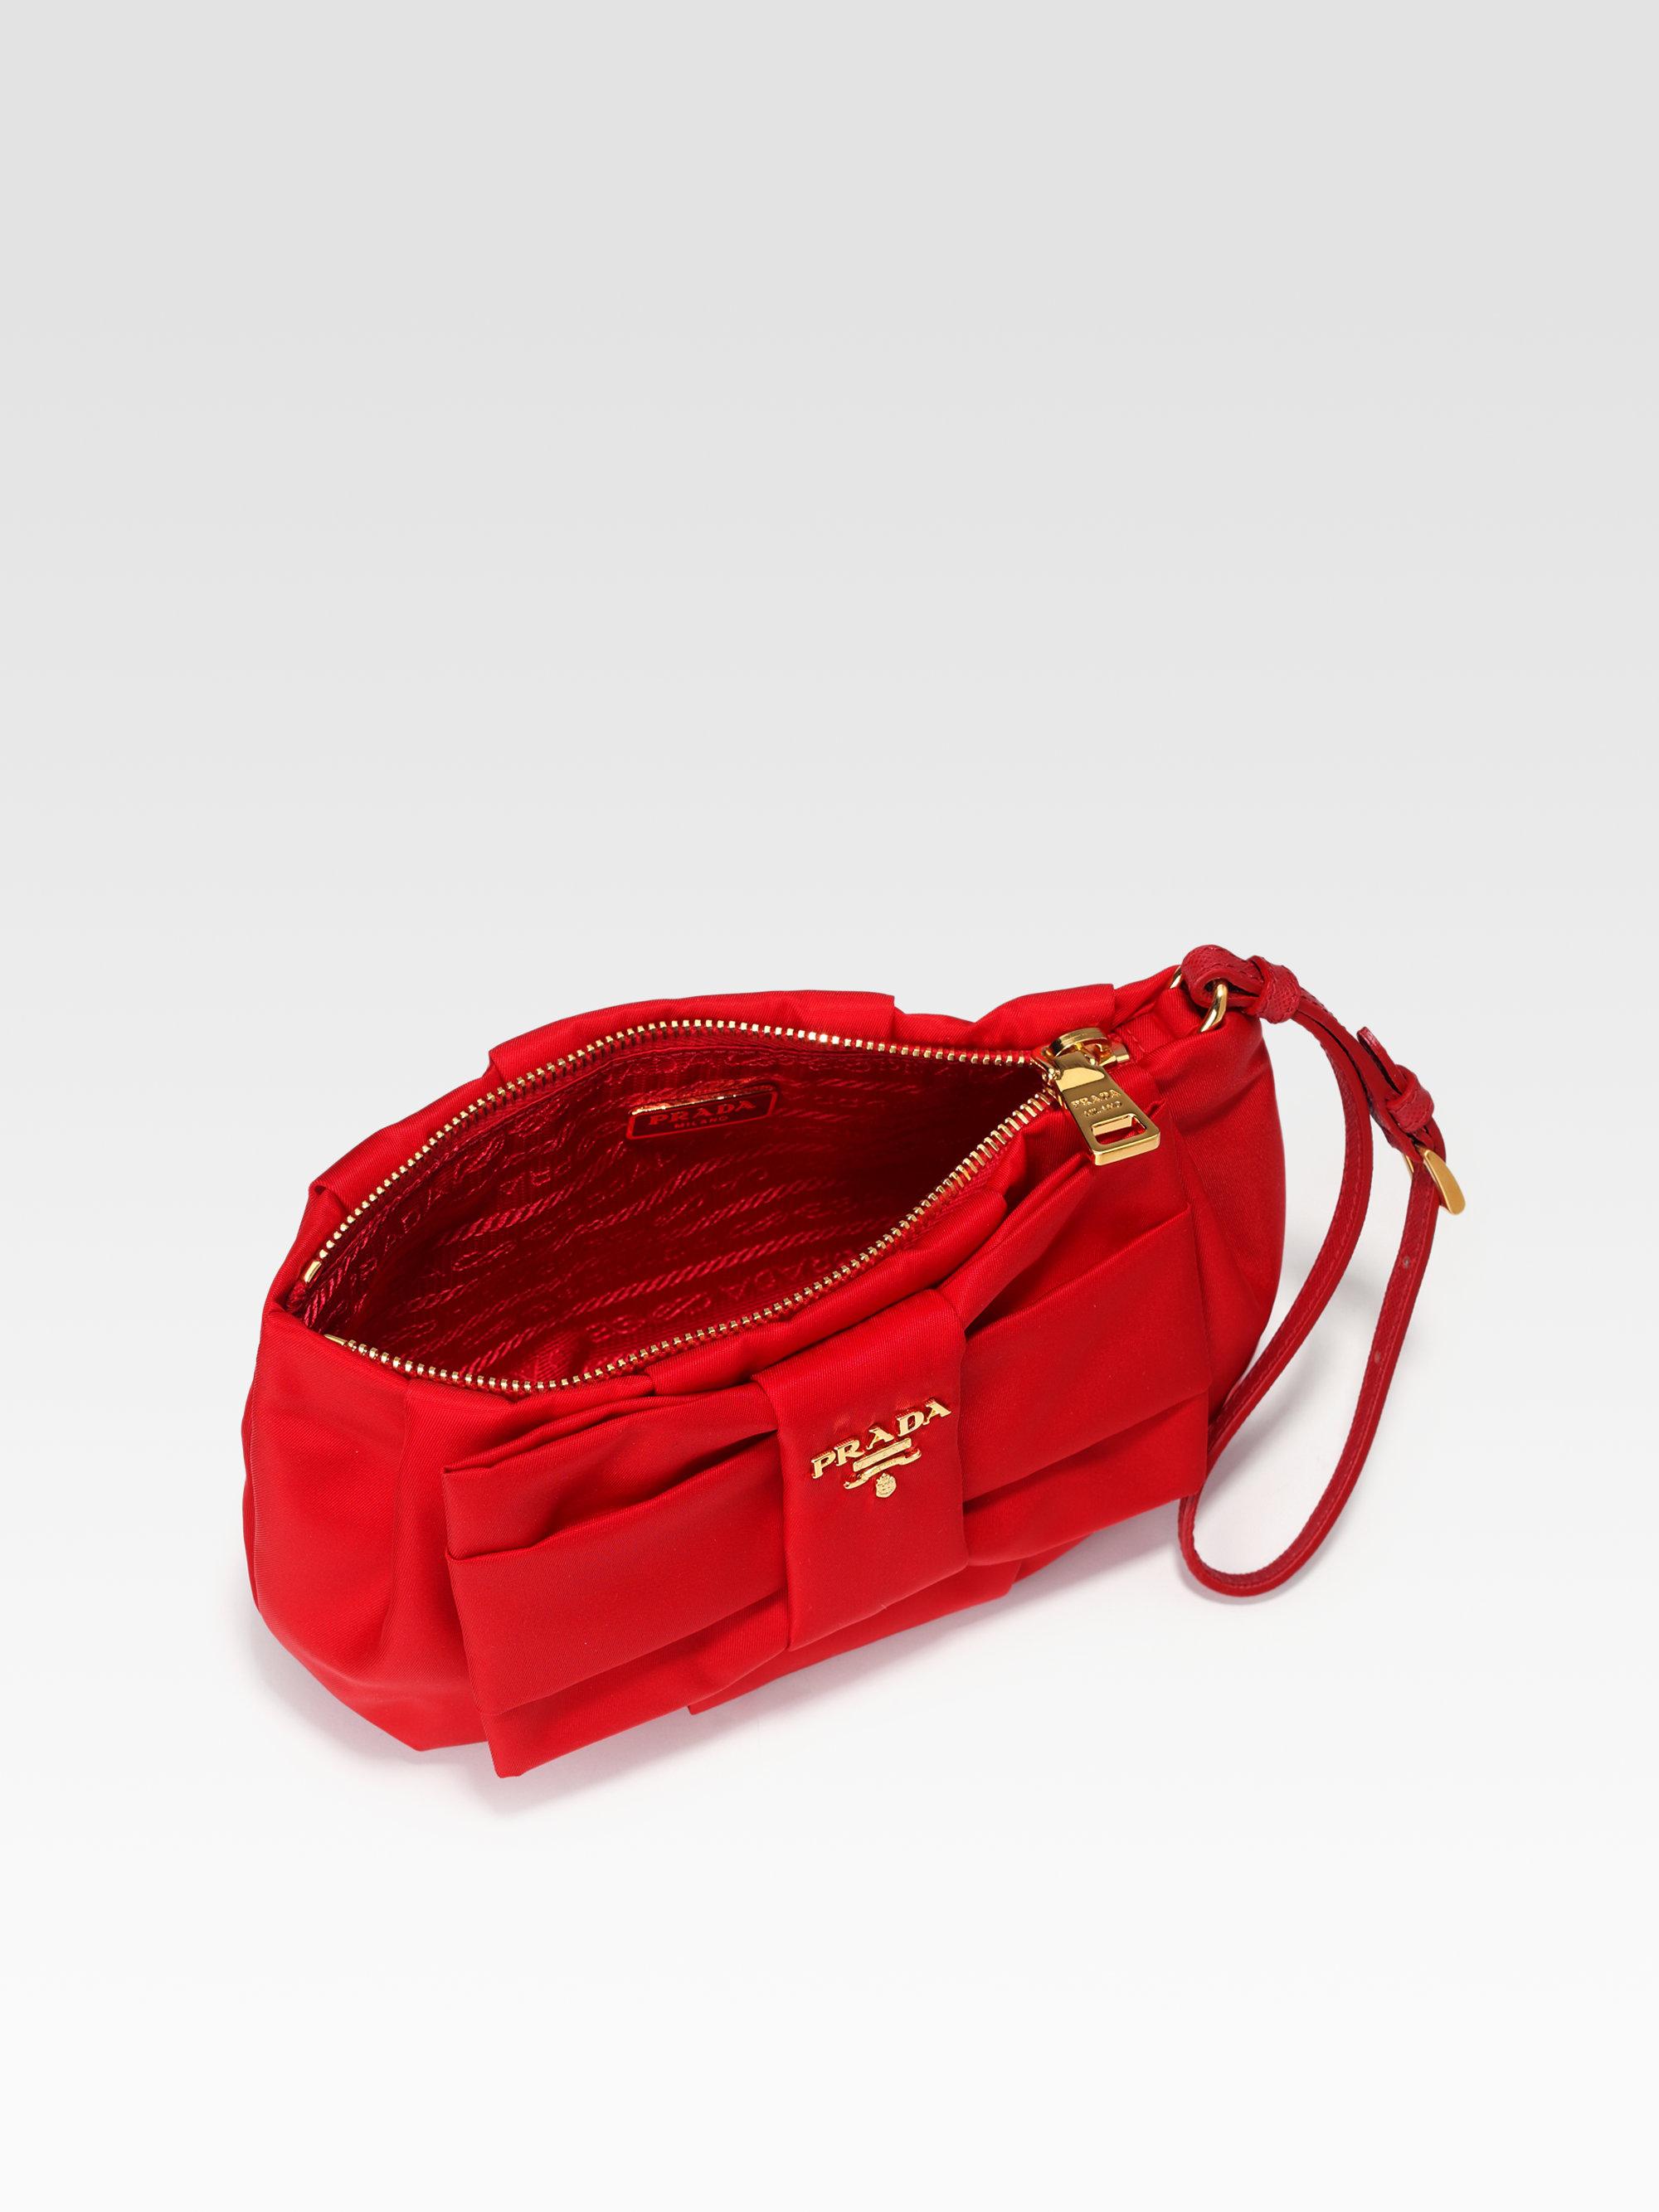 prada vela large messenger bag - prada tessuto wristlet, genuine prada purse